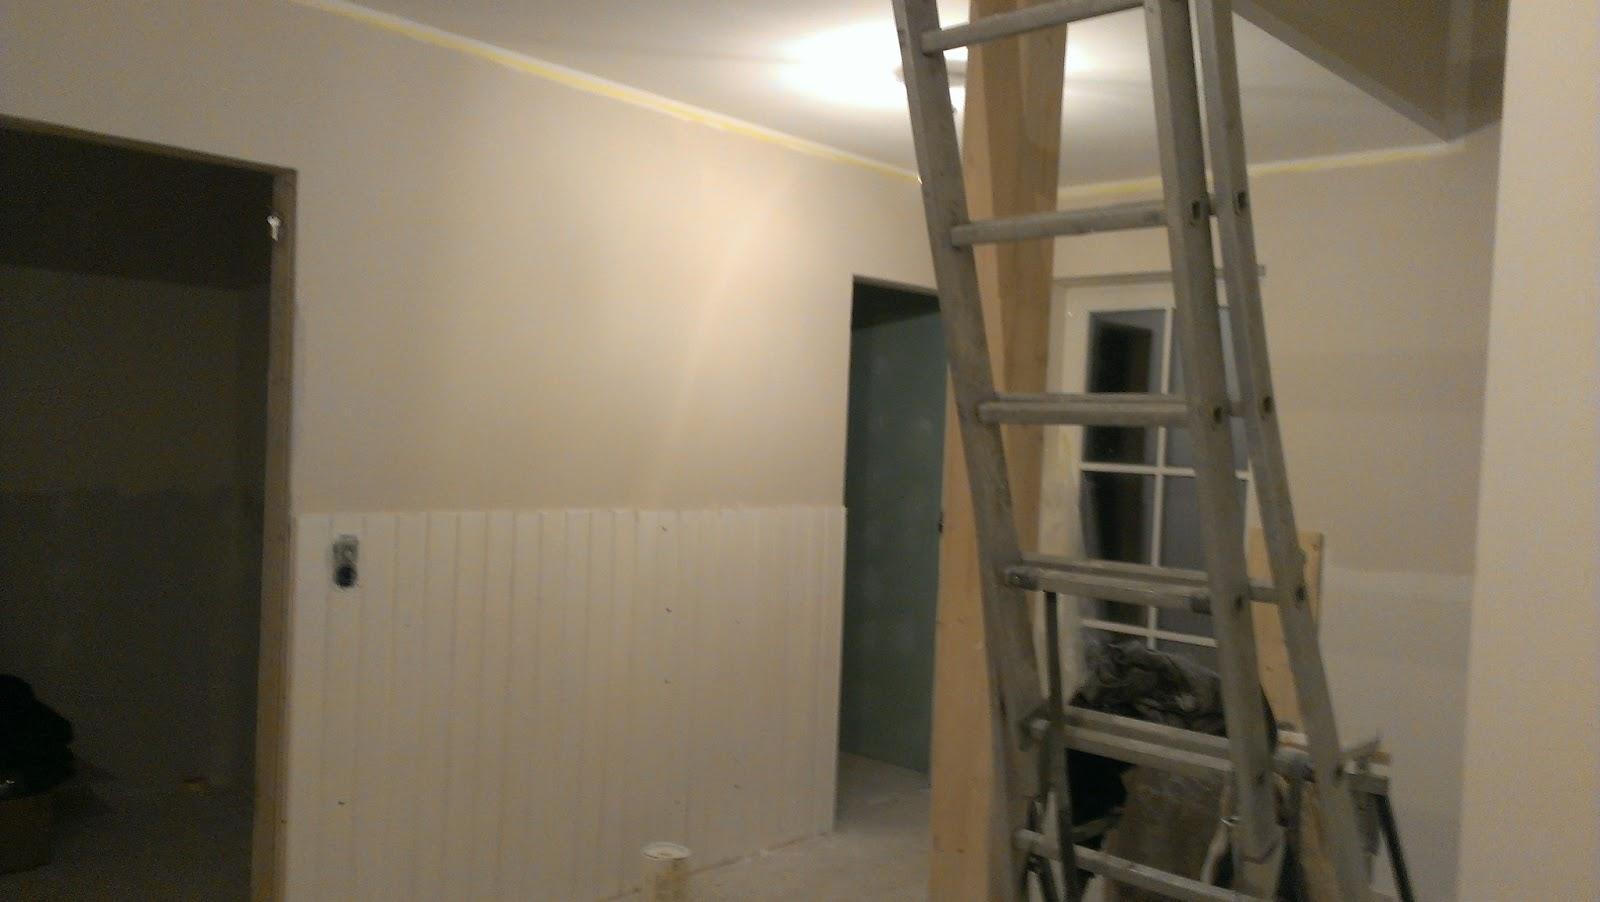 v rt lilla r da sverige hus tapete und farbe. Black Bedroom Furniture Sets. Home Design Ideas